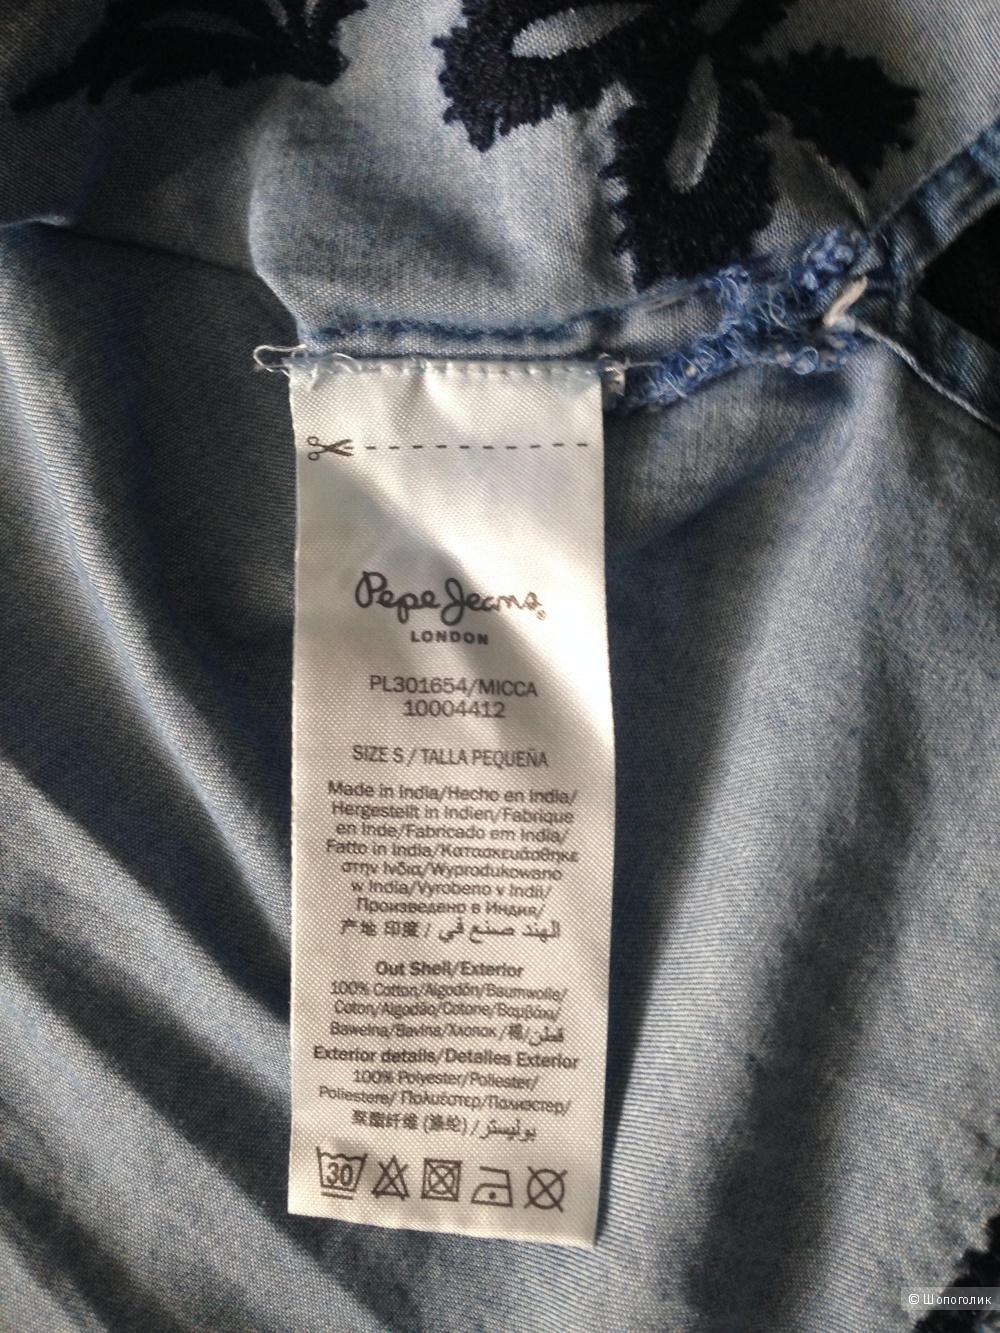 Джинсовый топ с вышивкой Pepe Jeans Micca размер S